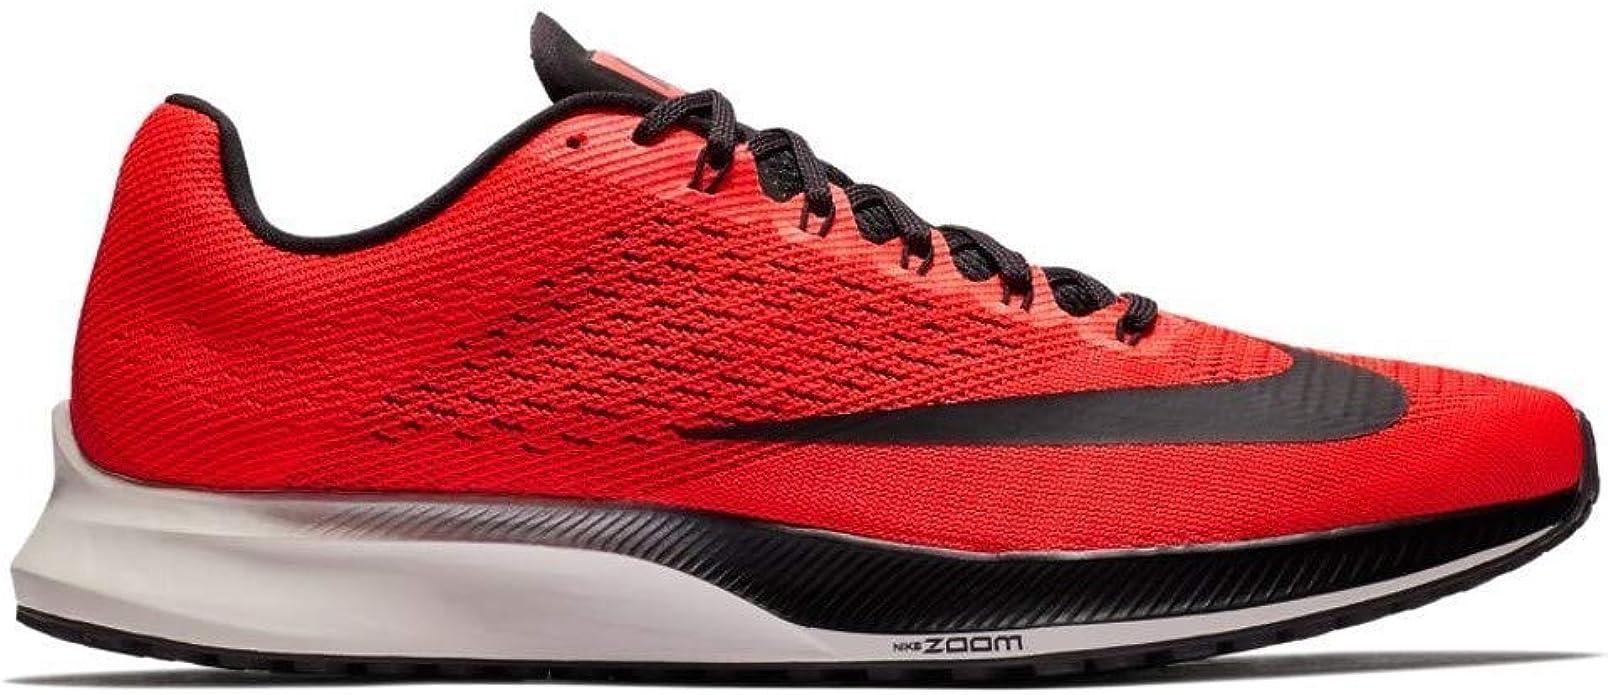 Nike Air Zoom Elite 10, Zapatillas de Running para Hombre, Multicolor (Bright Crimson/Oil Grey/Phantom 600), 40.5 EU: Amazon.es: Zapatos y complementos